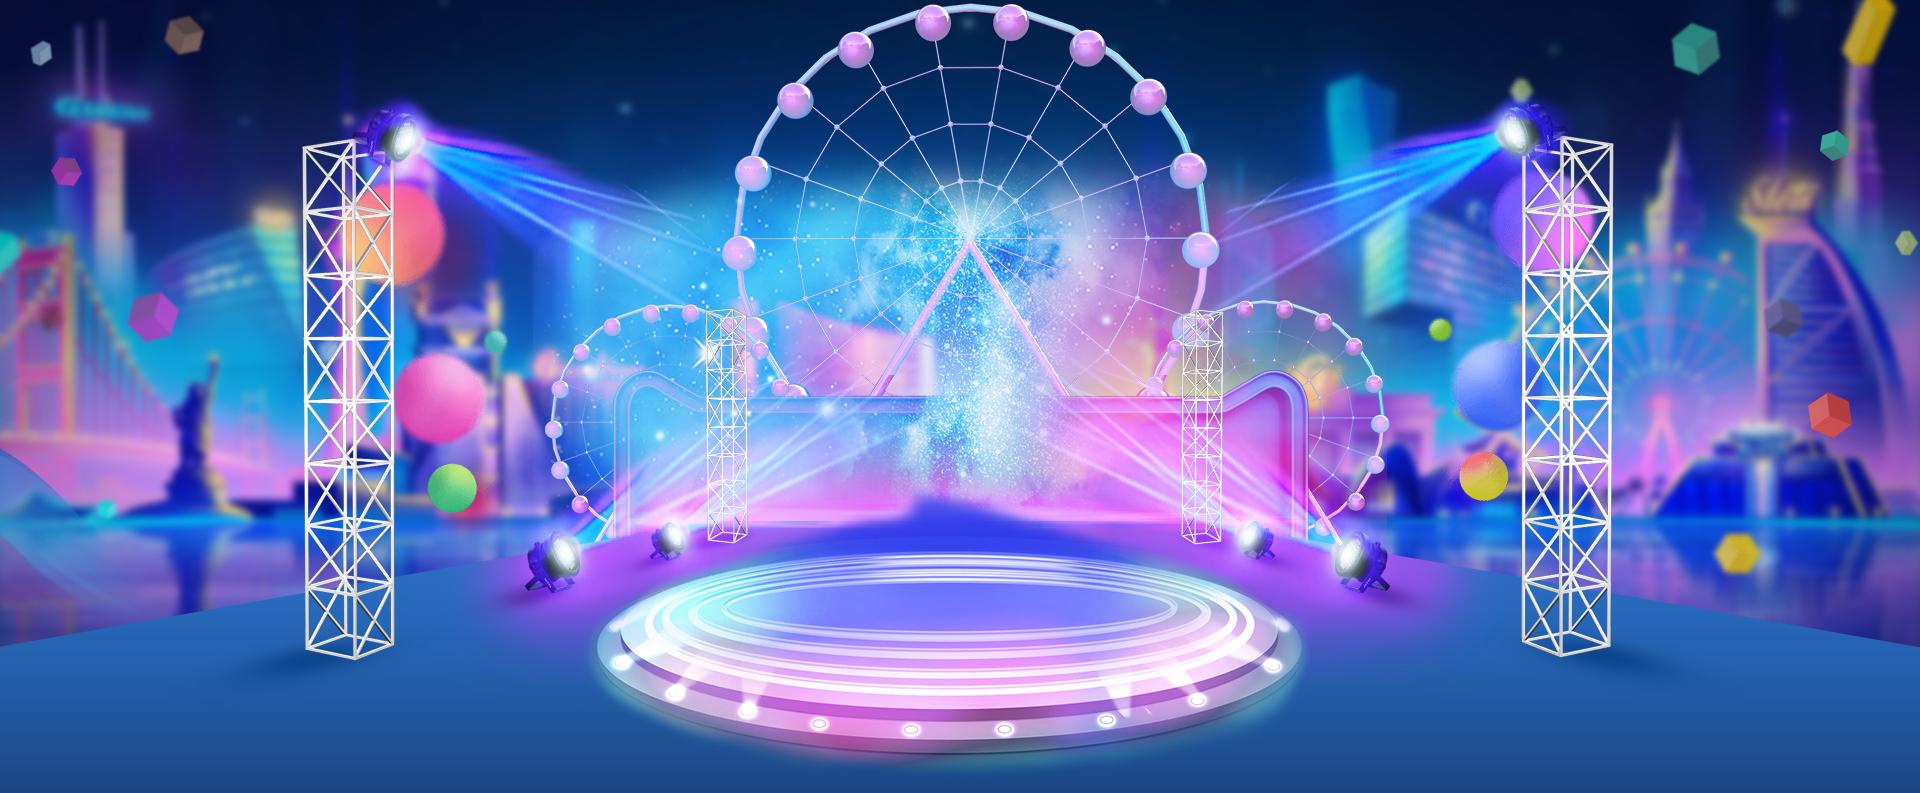 舞台灯光需要哪些舞台配置效果图